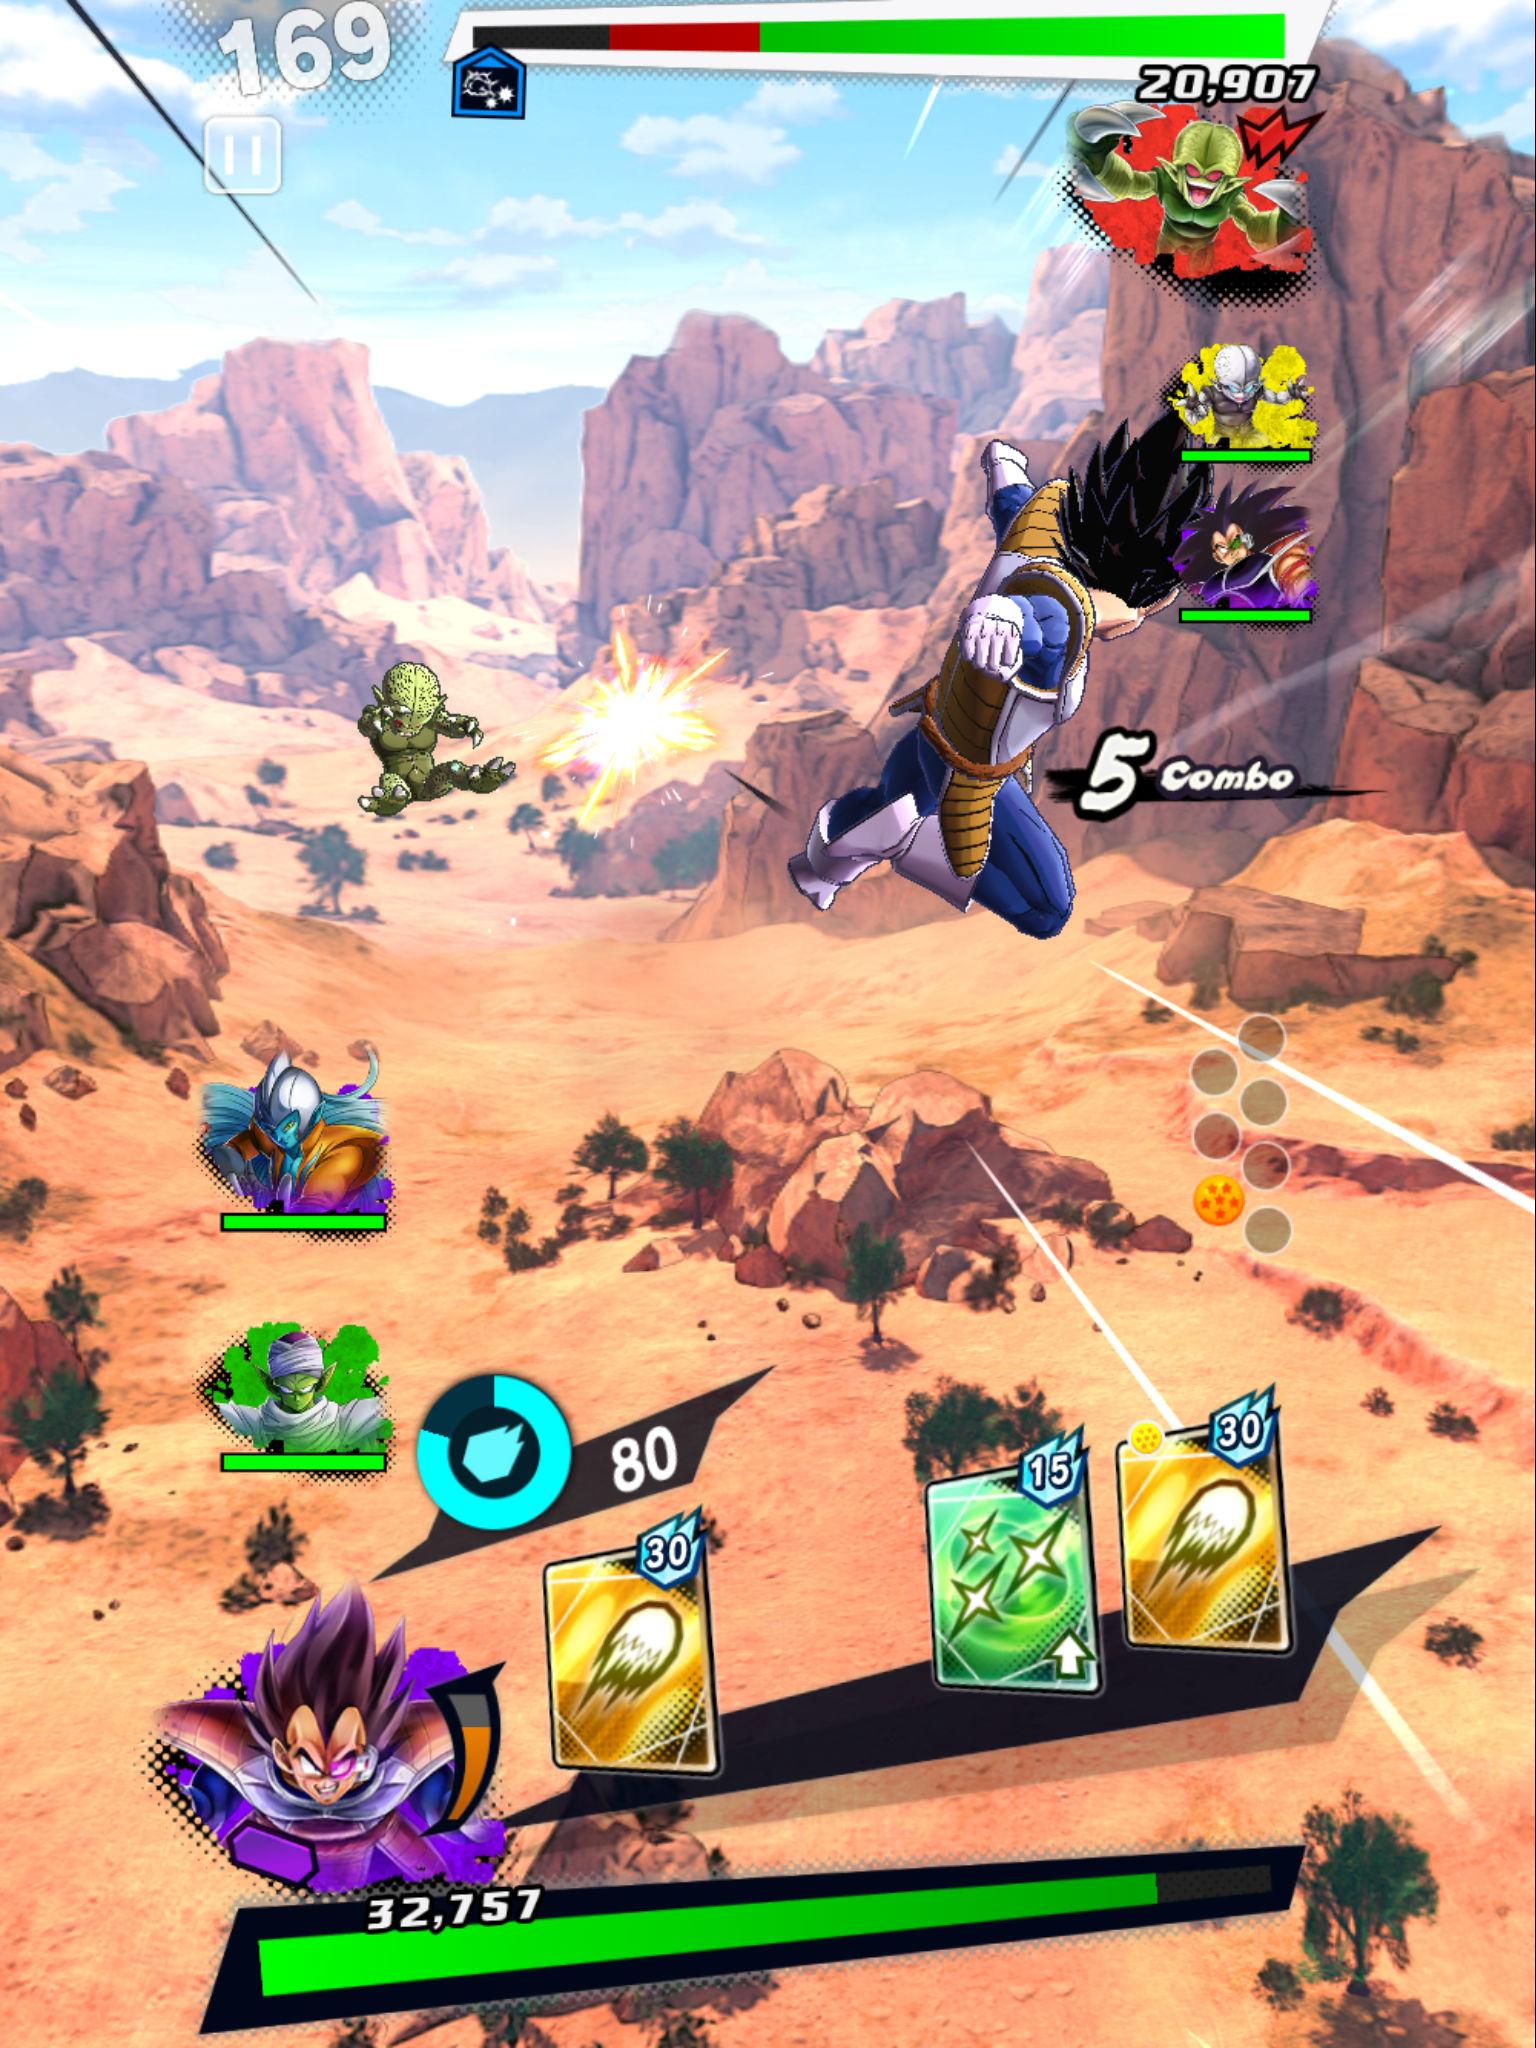 download game mobile legends terbaru 2019